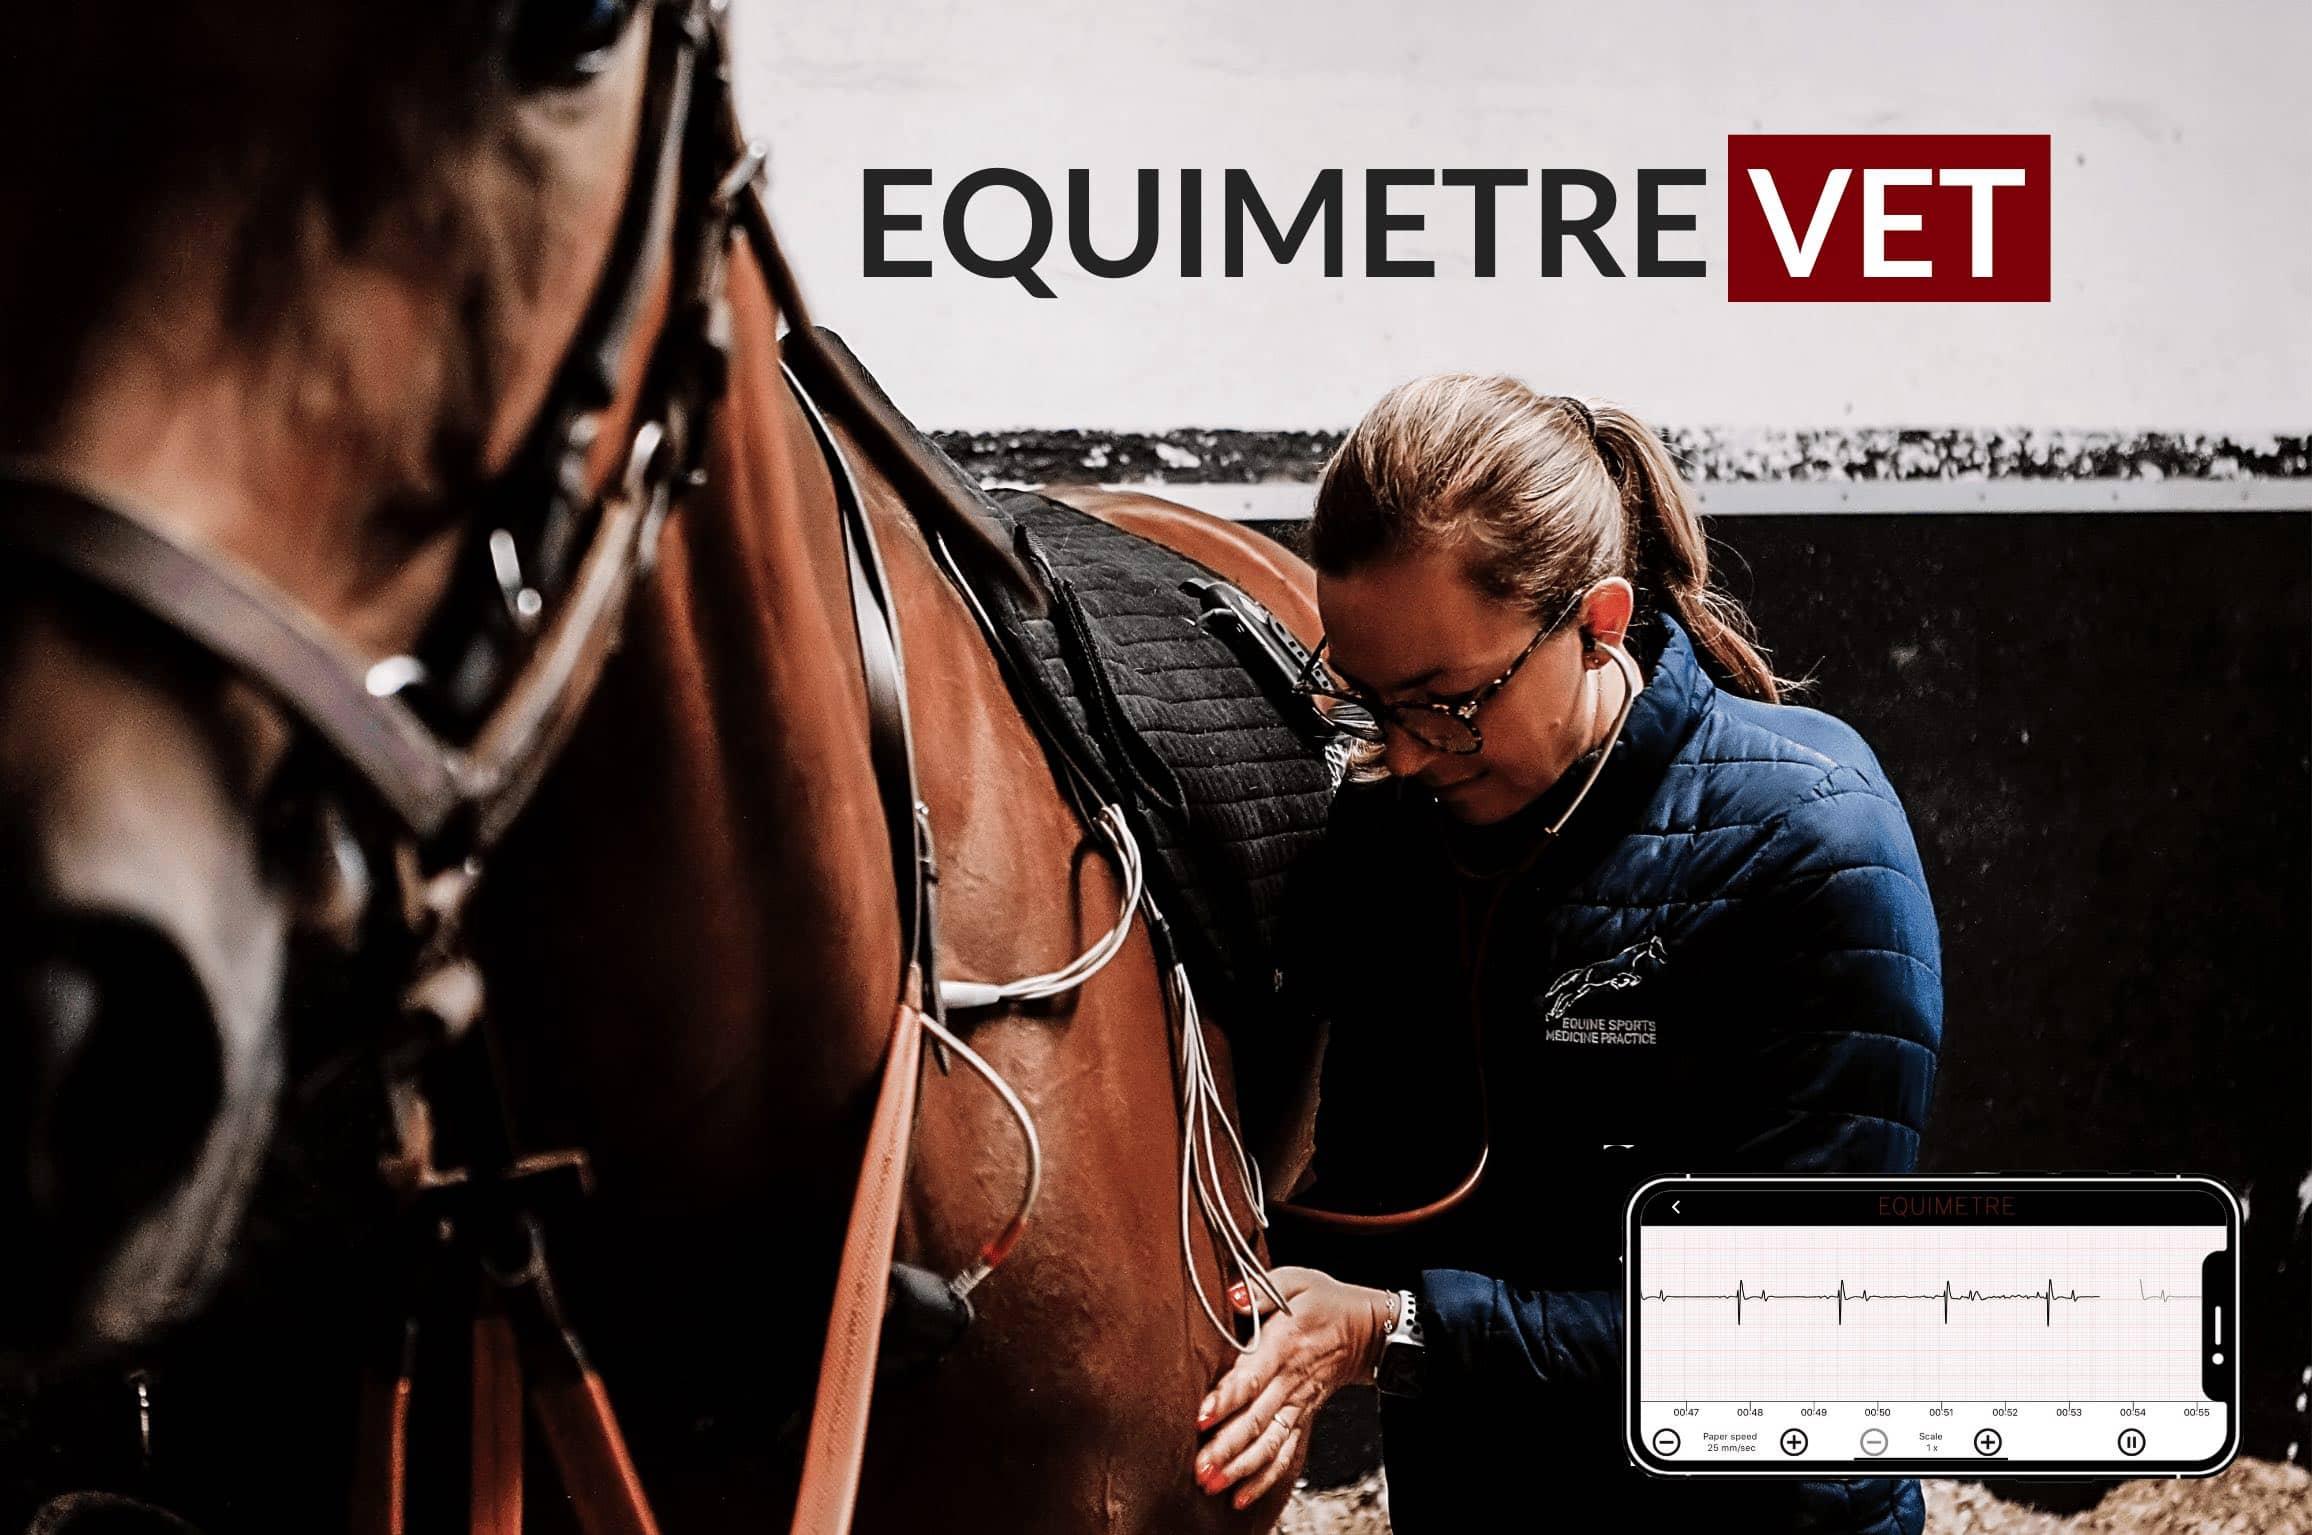 equimetre vet pour les chevaux athlètes